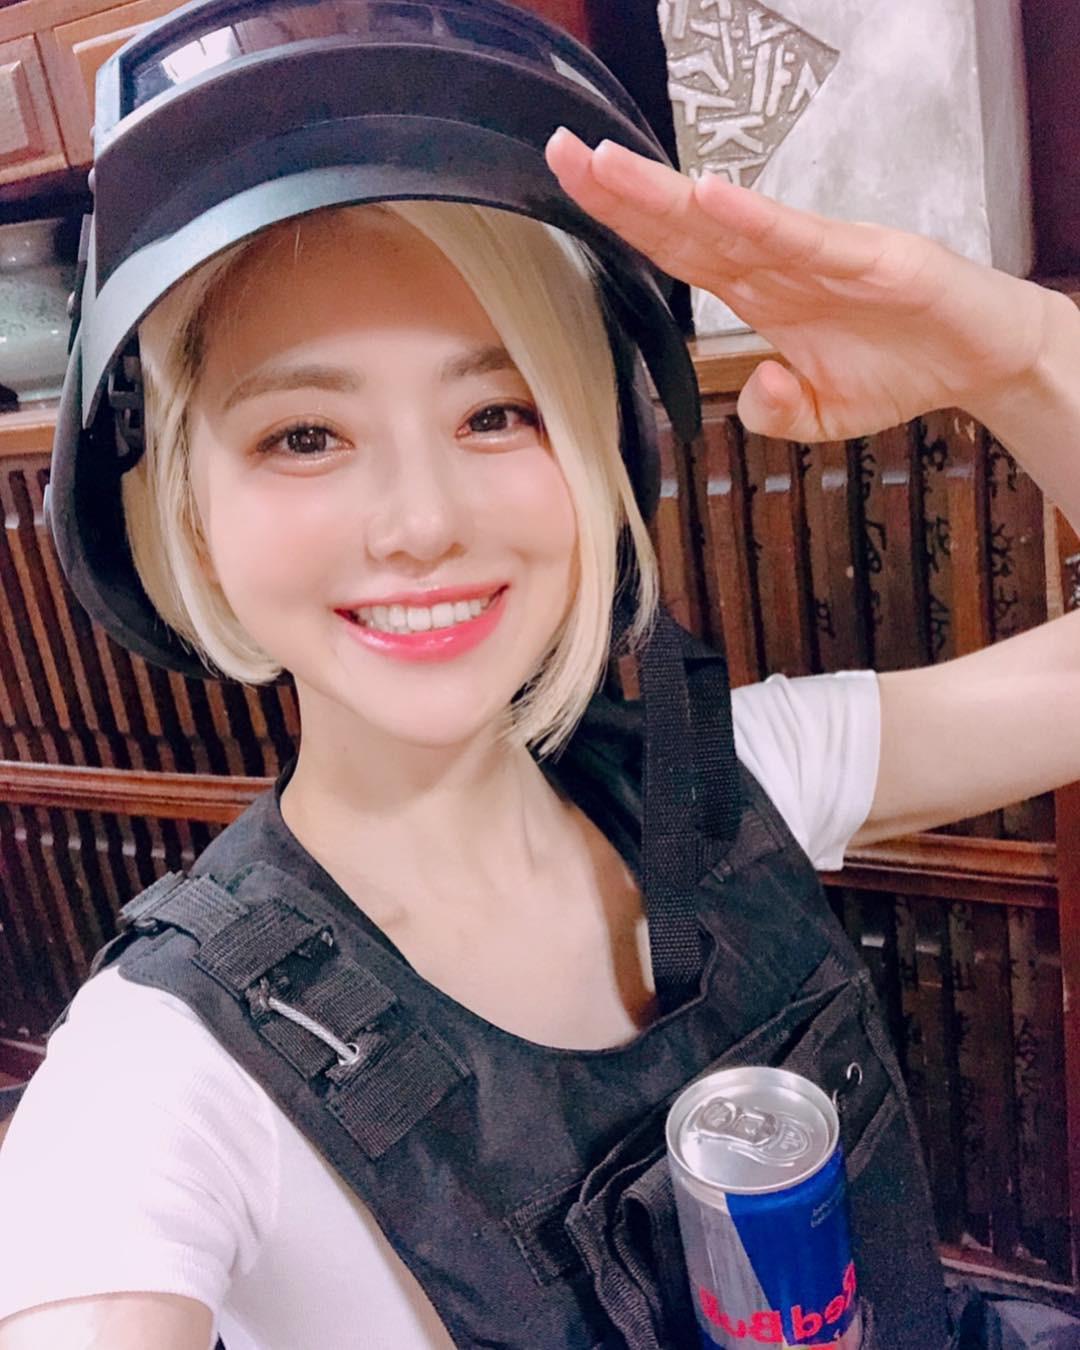 Phát hiện cô nàng chiếm spotlight tại Tết té nước Songkran, tìm info mới biết hóa ra là người quen - Ảnh 5.